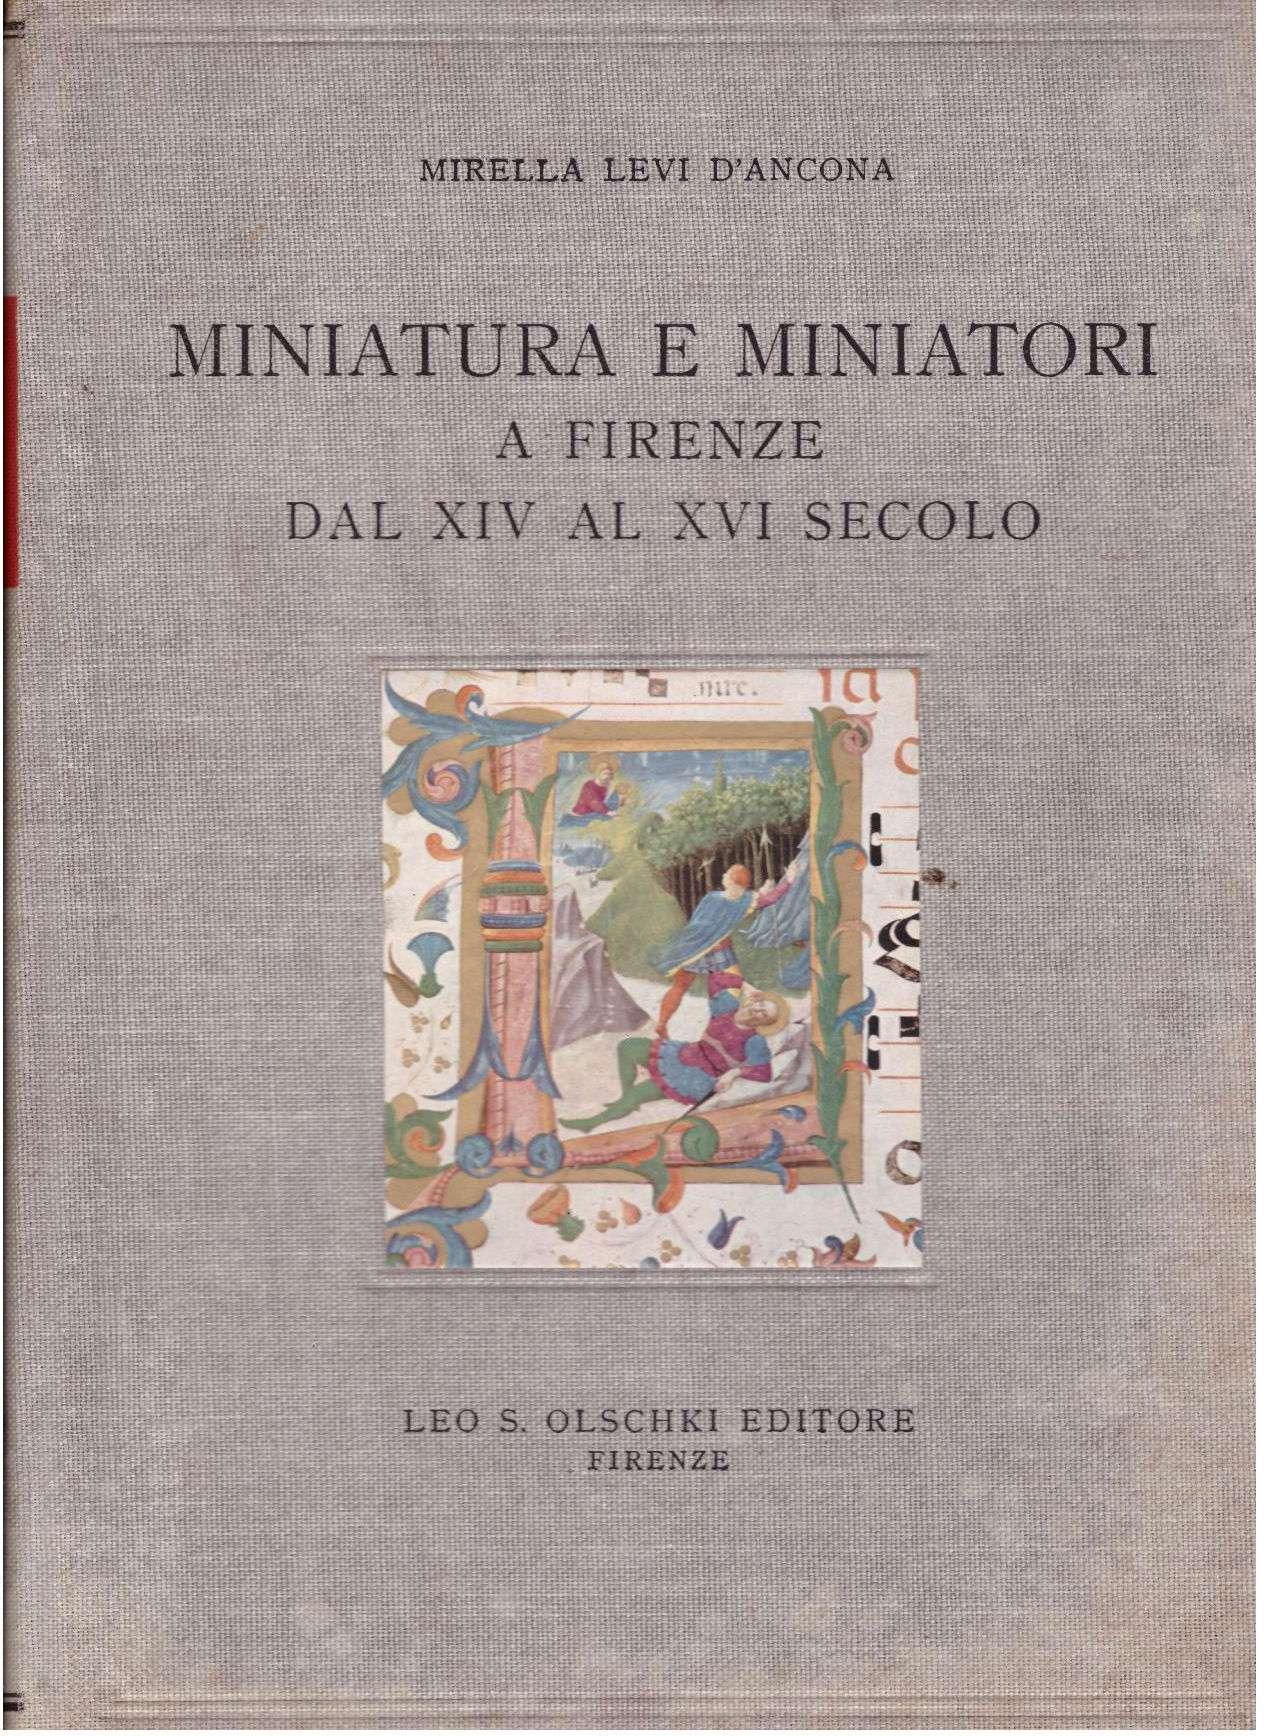 Miniatura e miniatori a Firenze dal XIV al XVI secolo. Documenti per la storia della miniatura con una premessa di Mario Salmi, D'ANCONA, MIRELLA LEVI